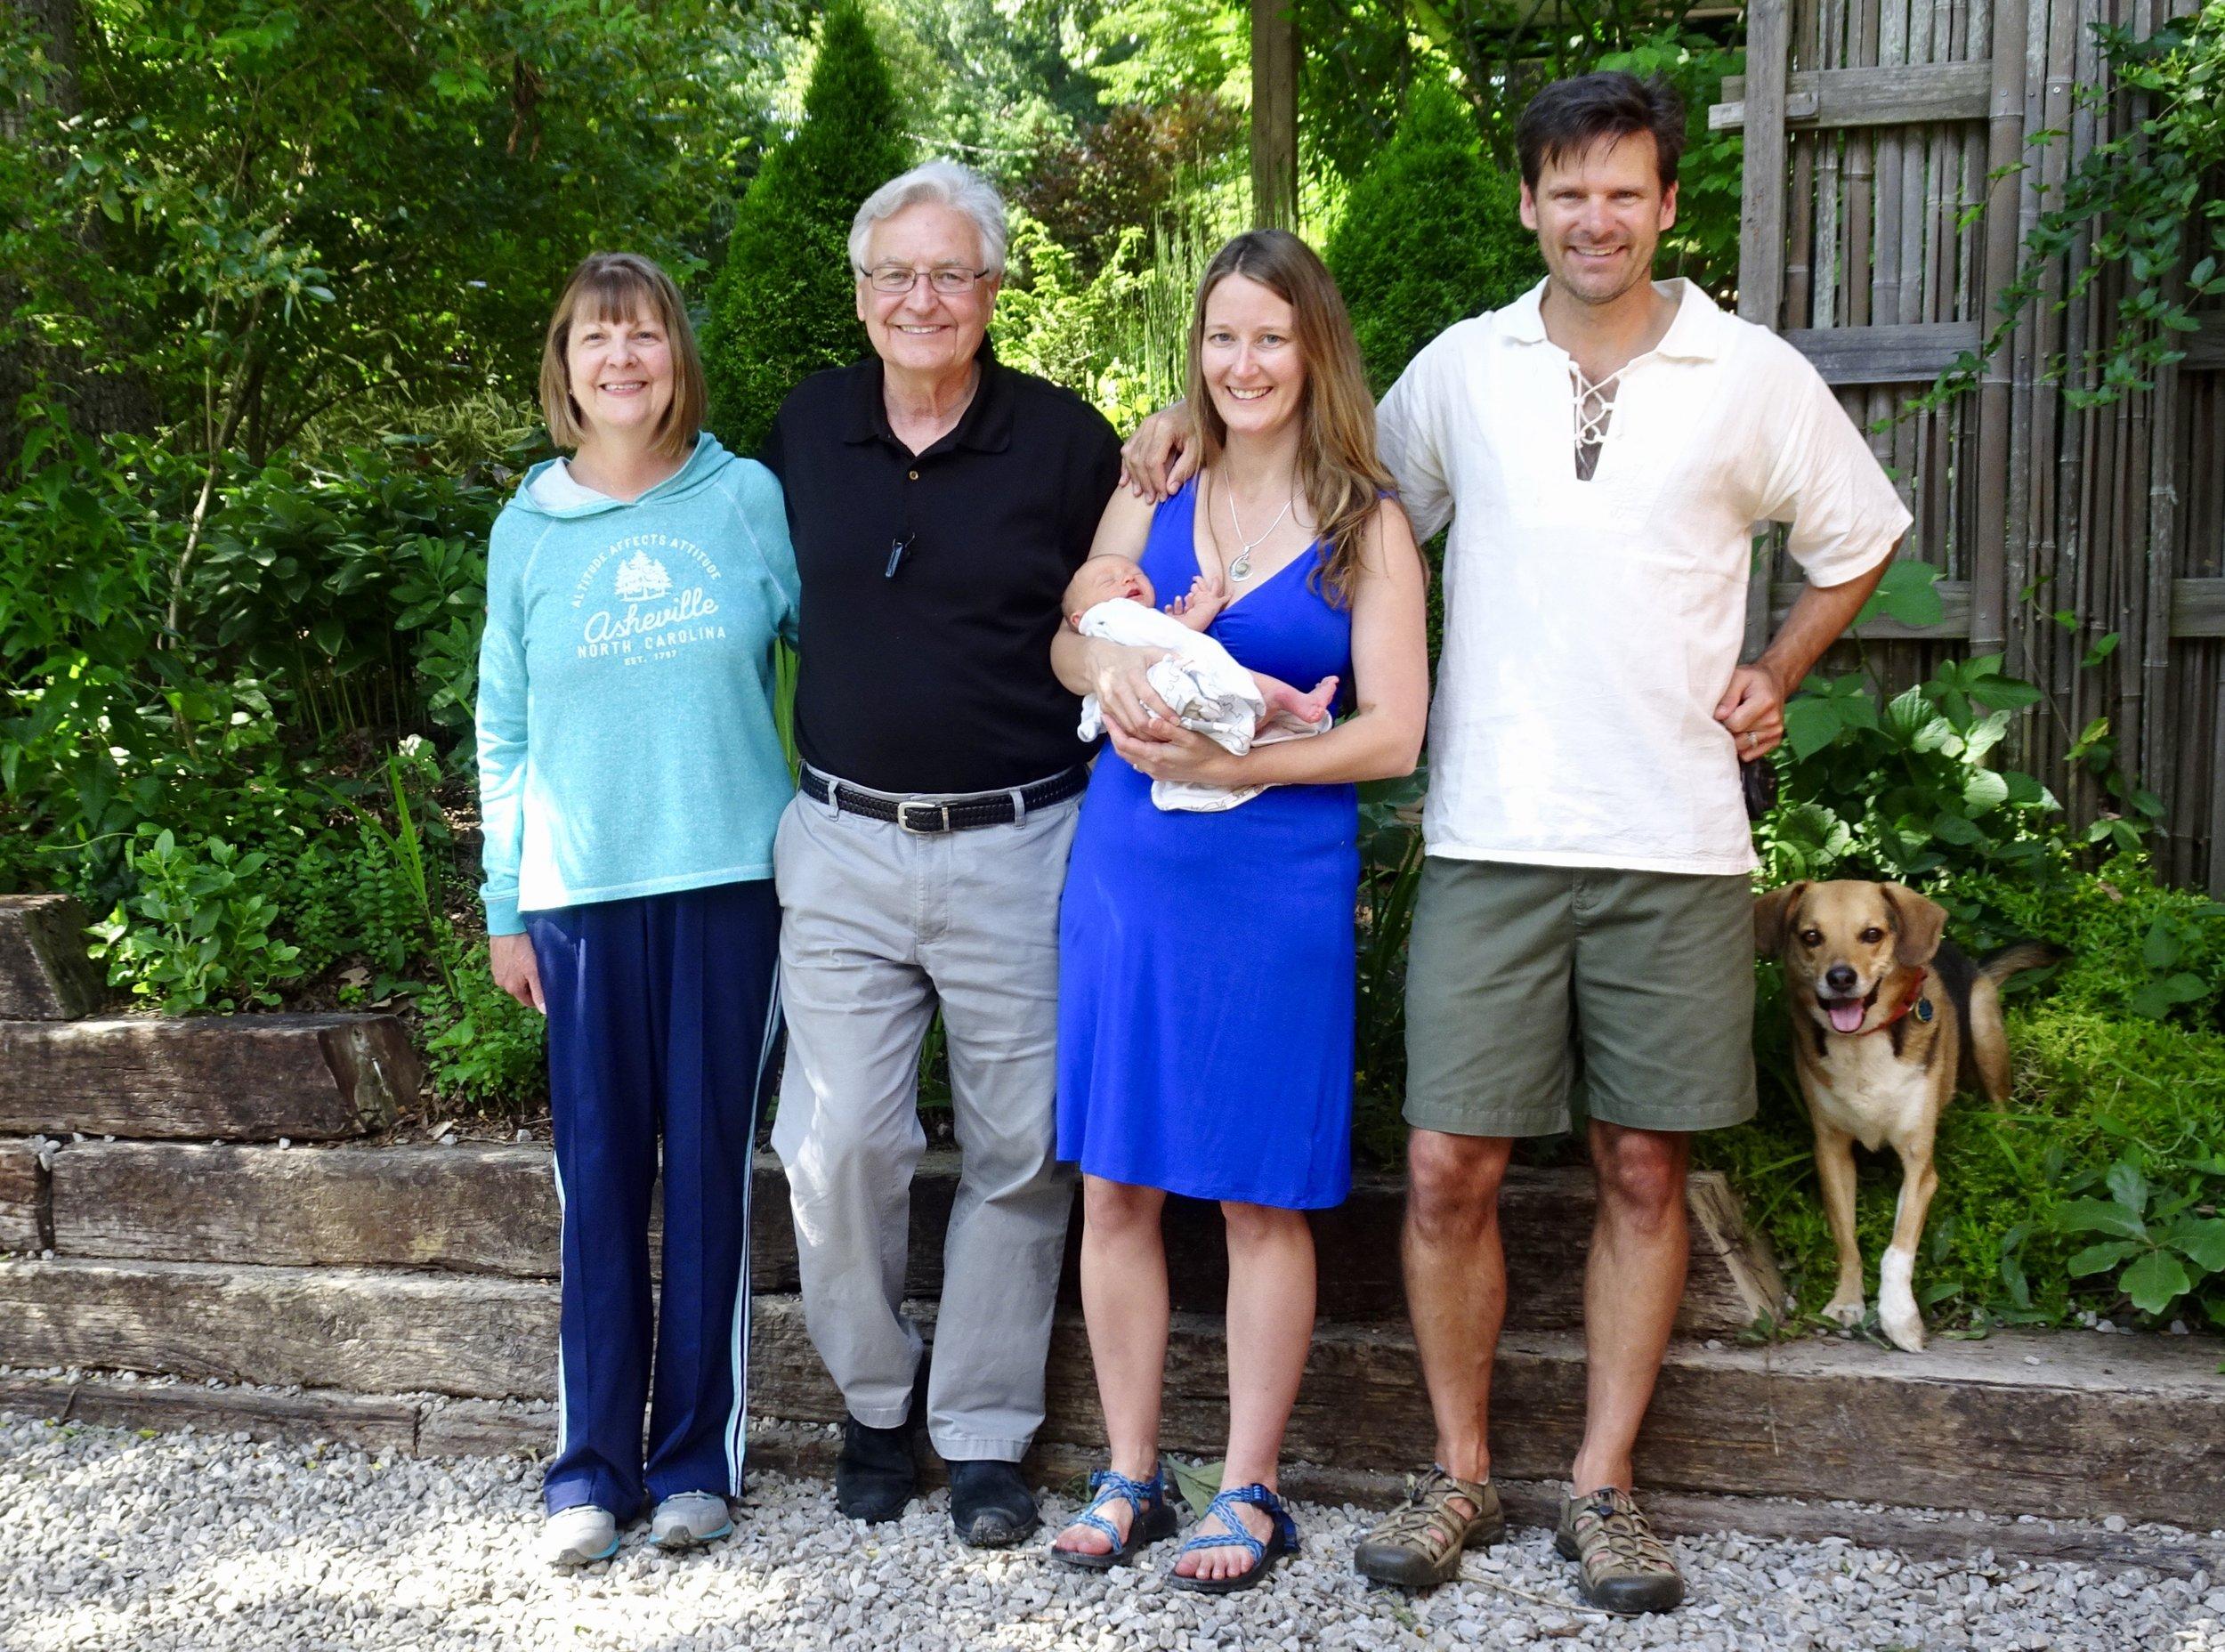 Grandparents Renee and Doug, Kim, Walker, Isaiah and El Guapo